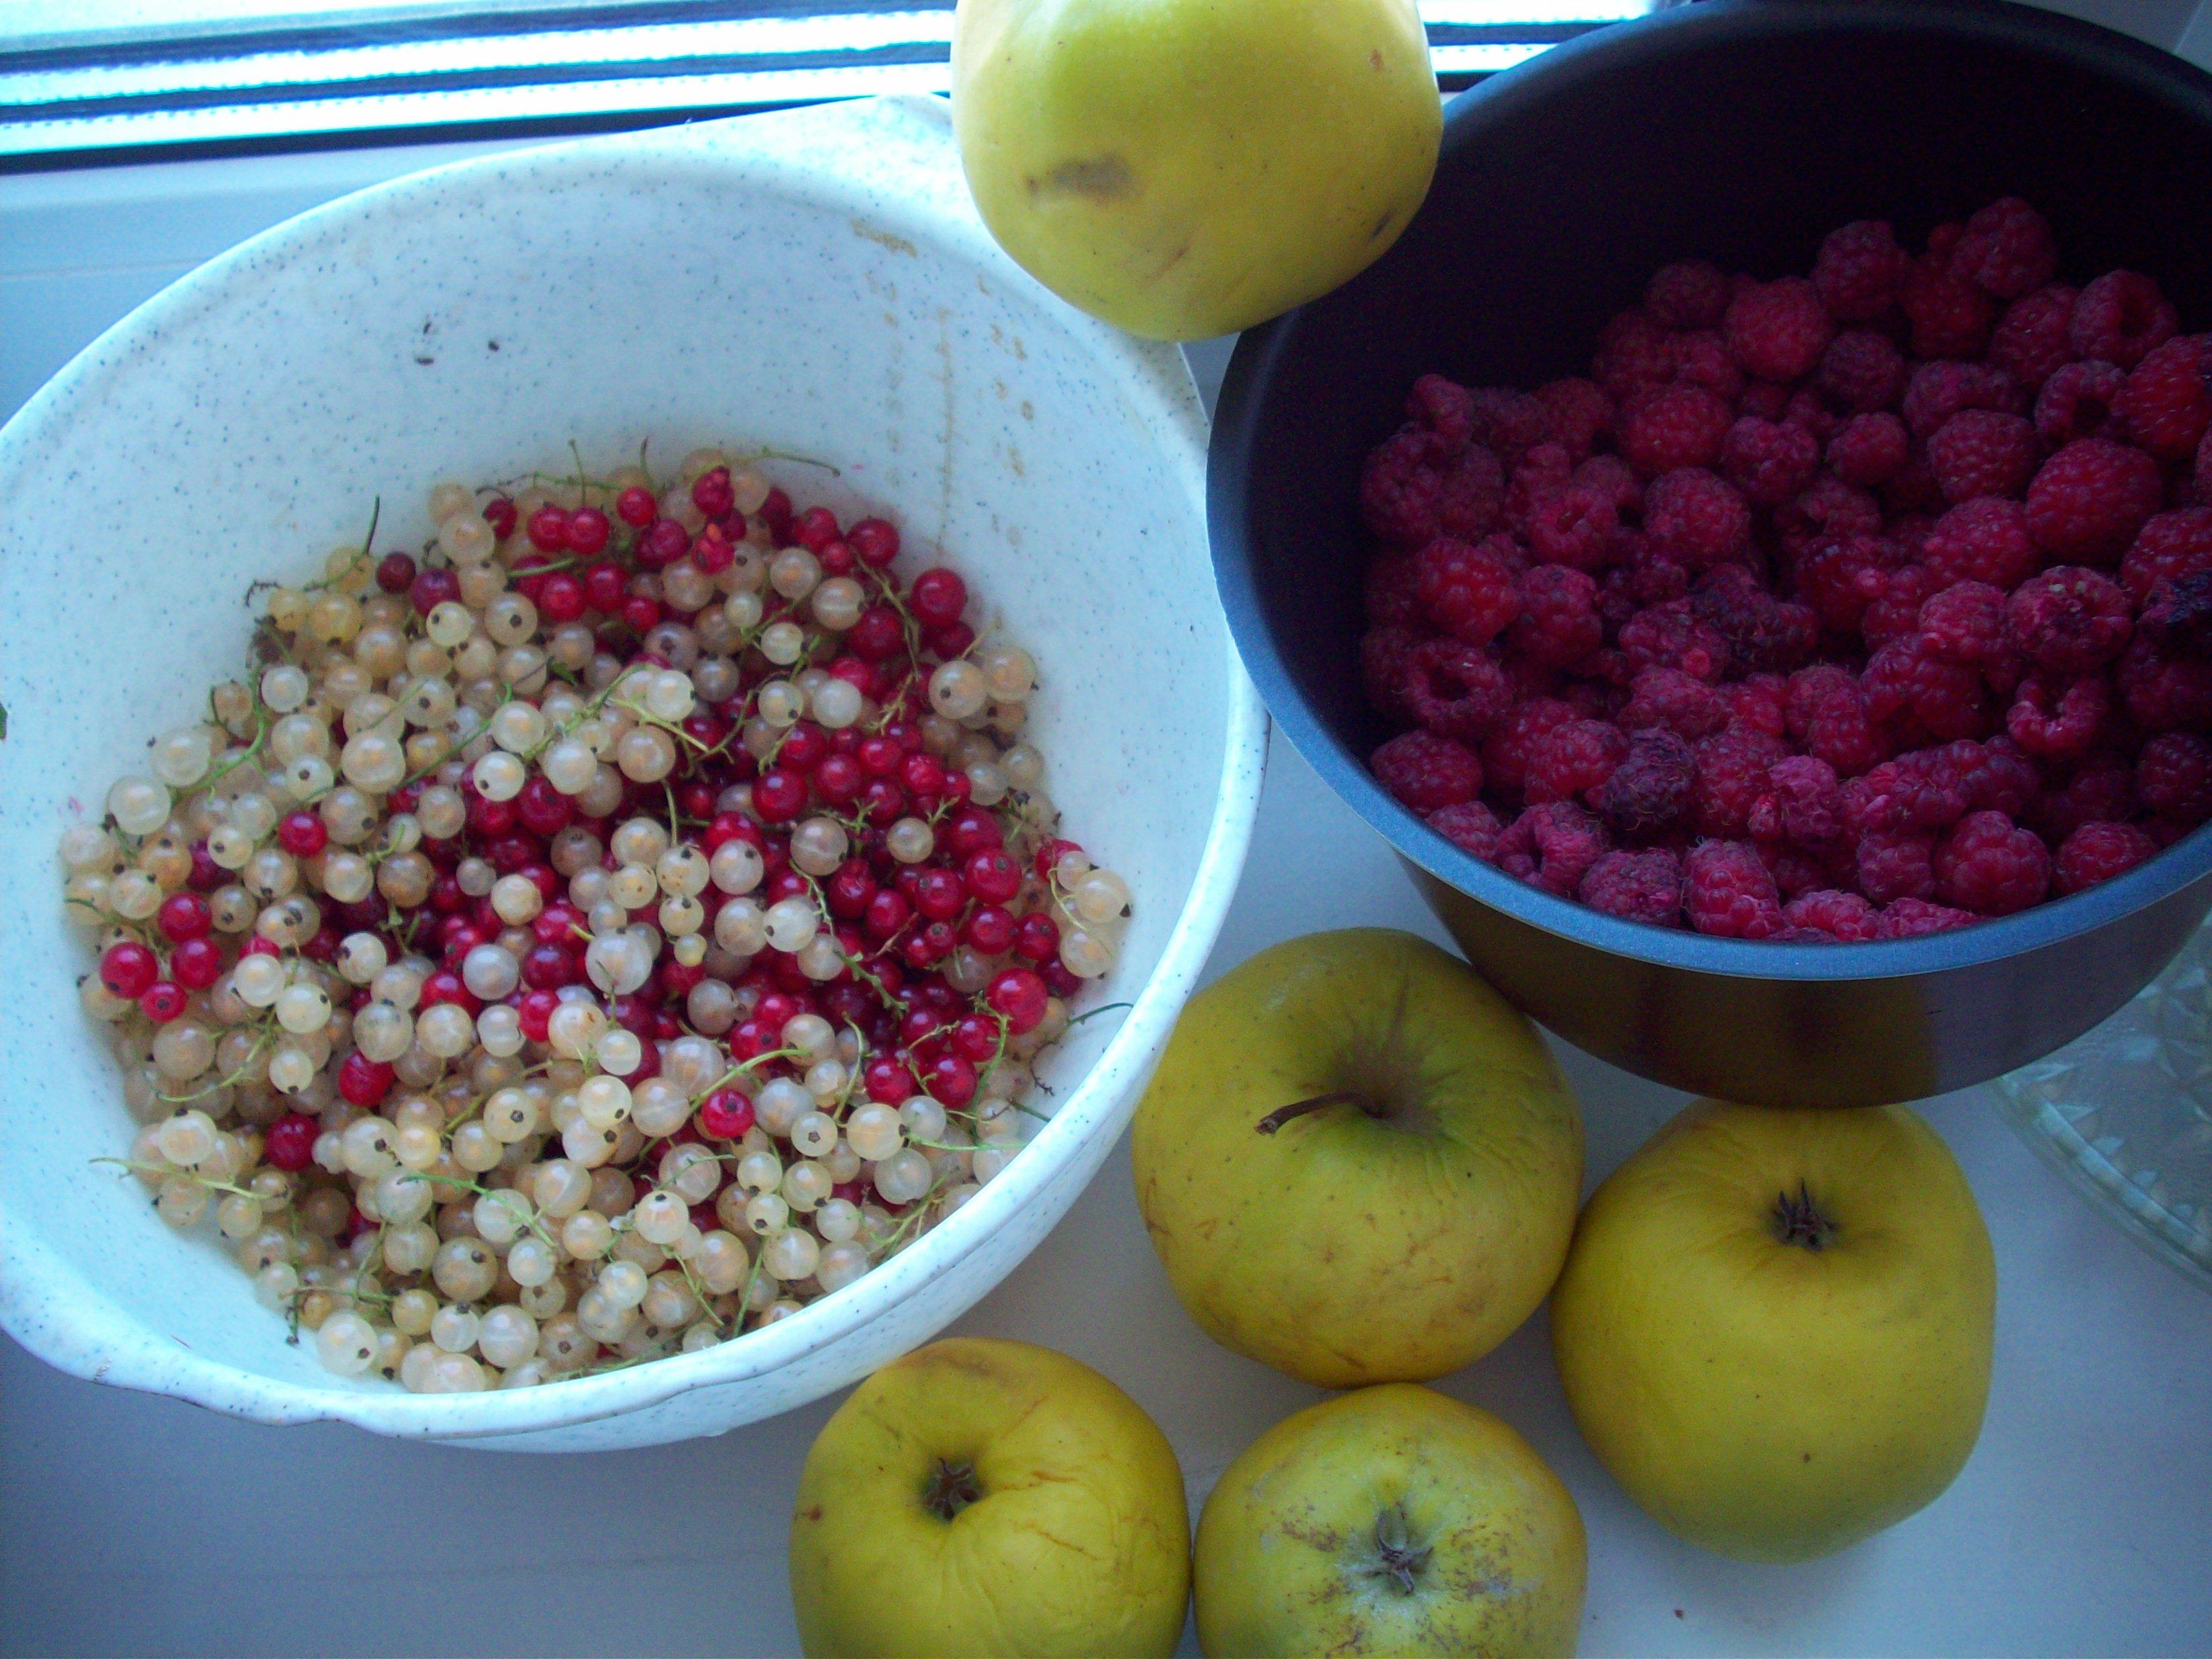 Малина, красная и белая смородина и яблоки